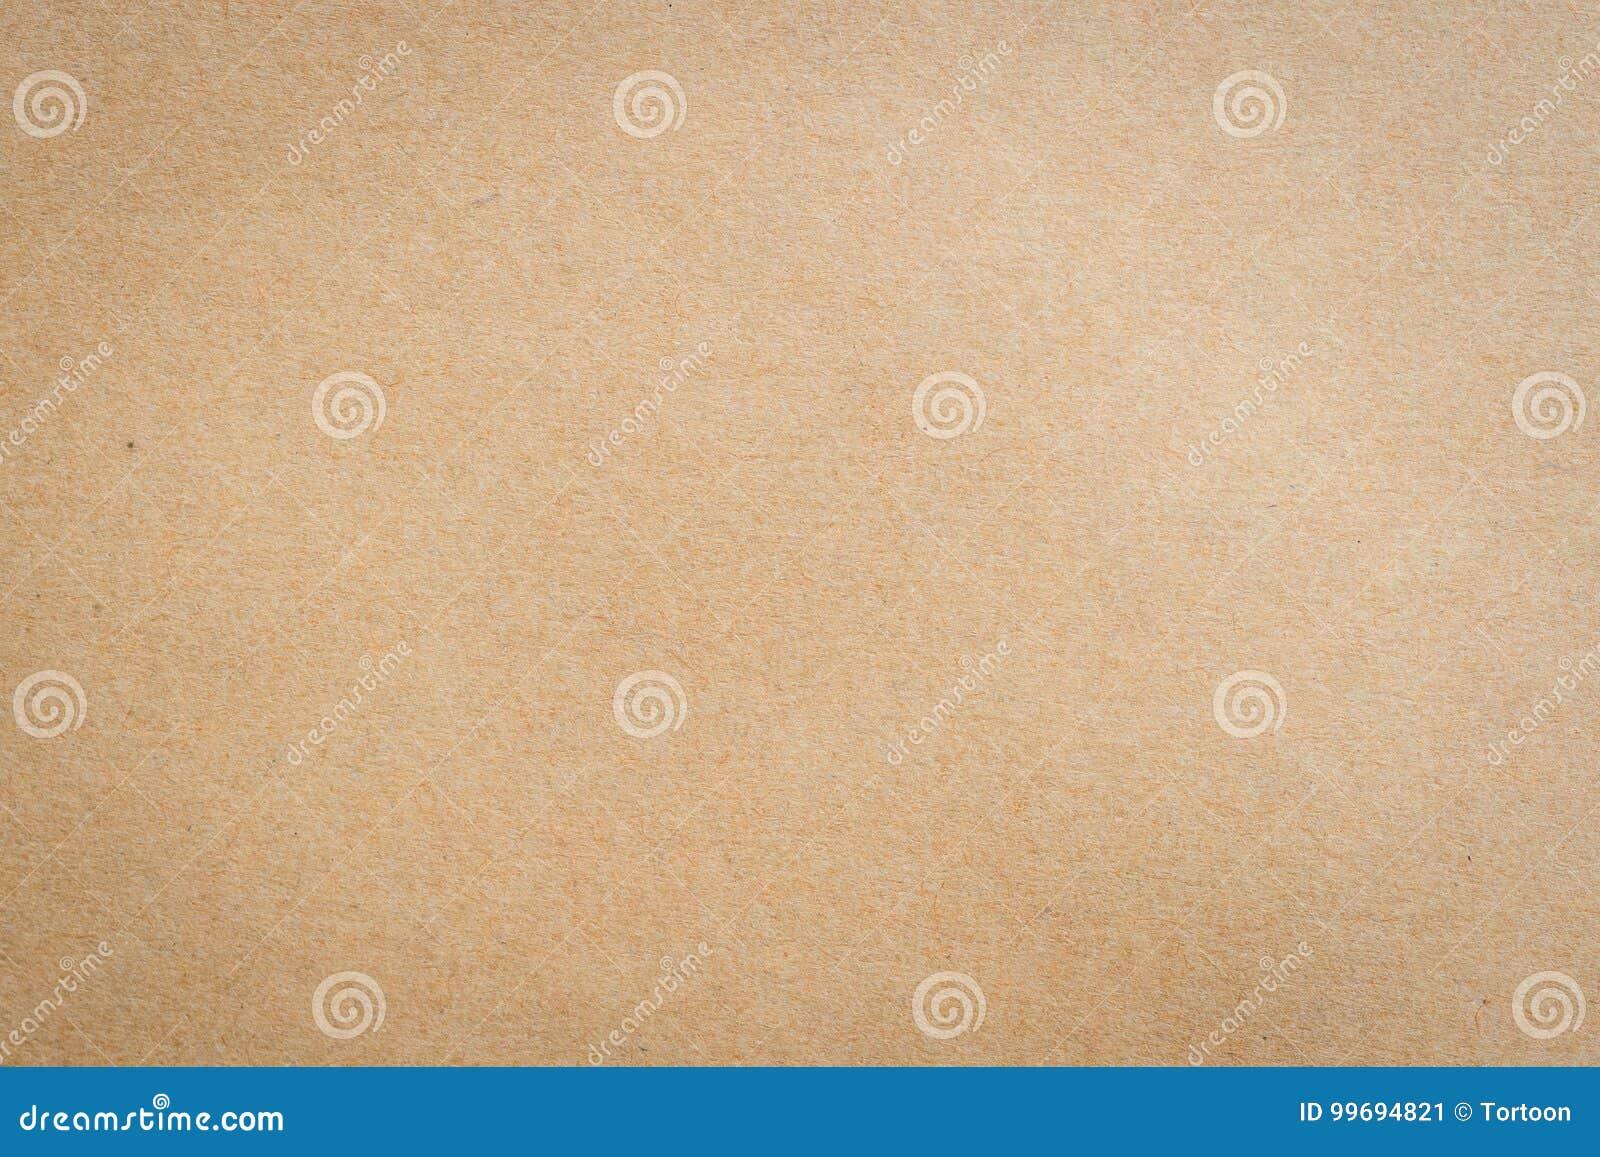 Zamyka w górę Kraft brown papieru tła i tekstury